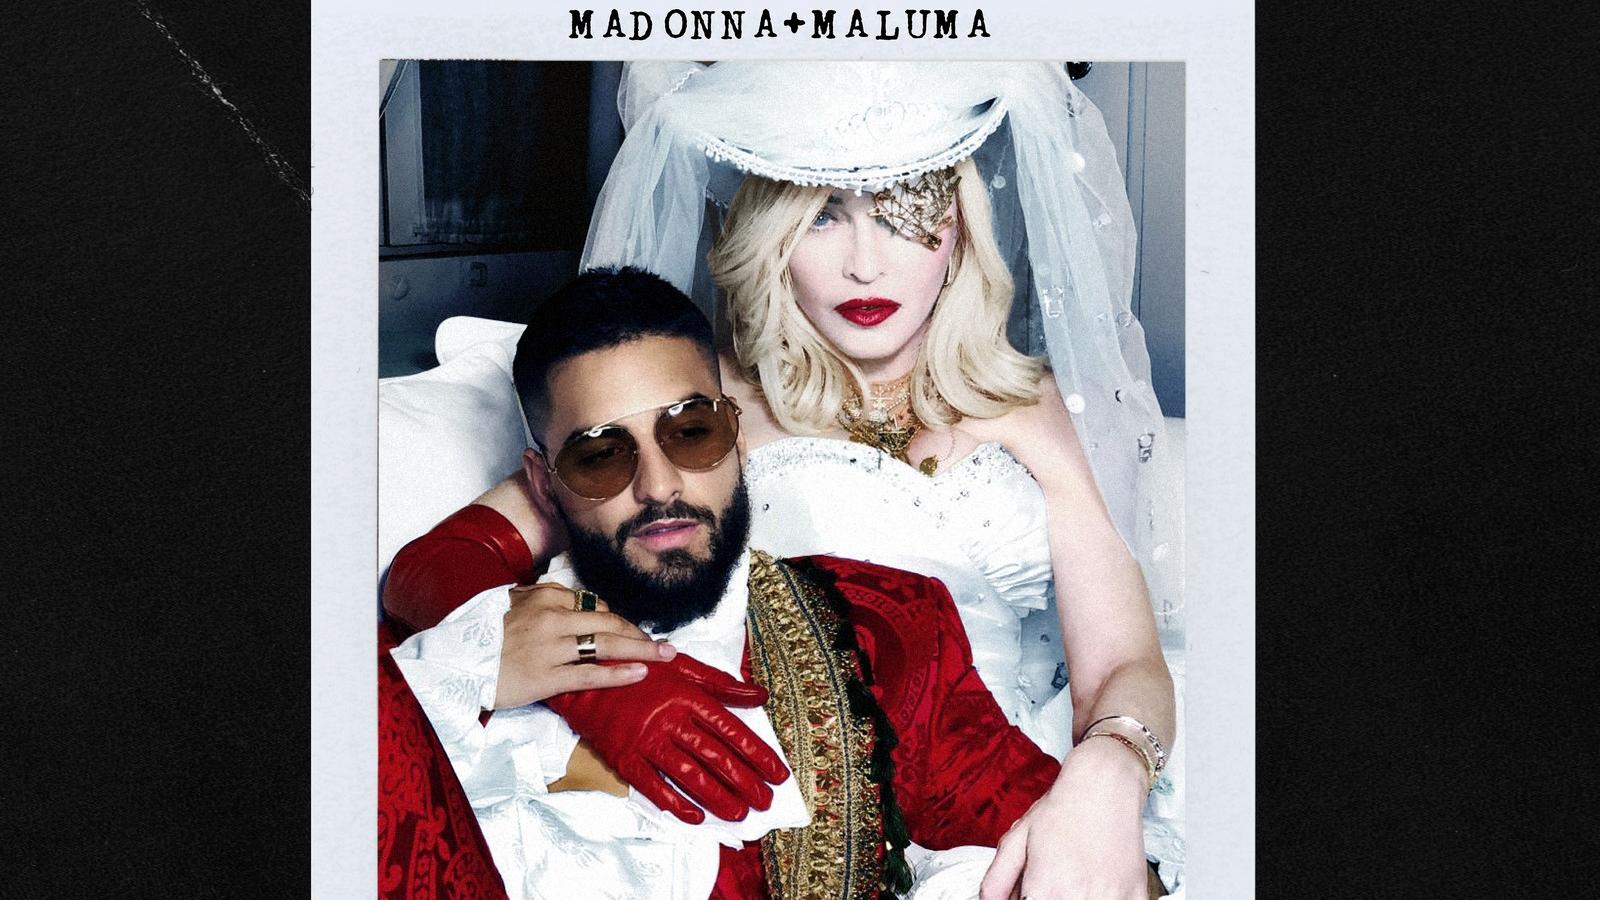 Relaxa, Madonna sabe o que está fazendo.